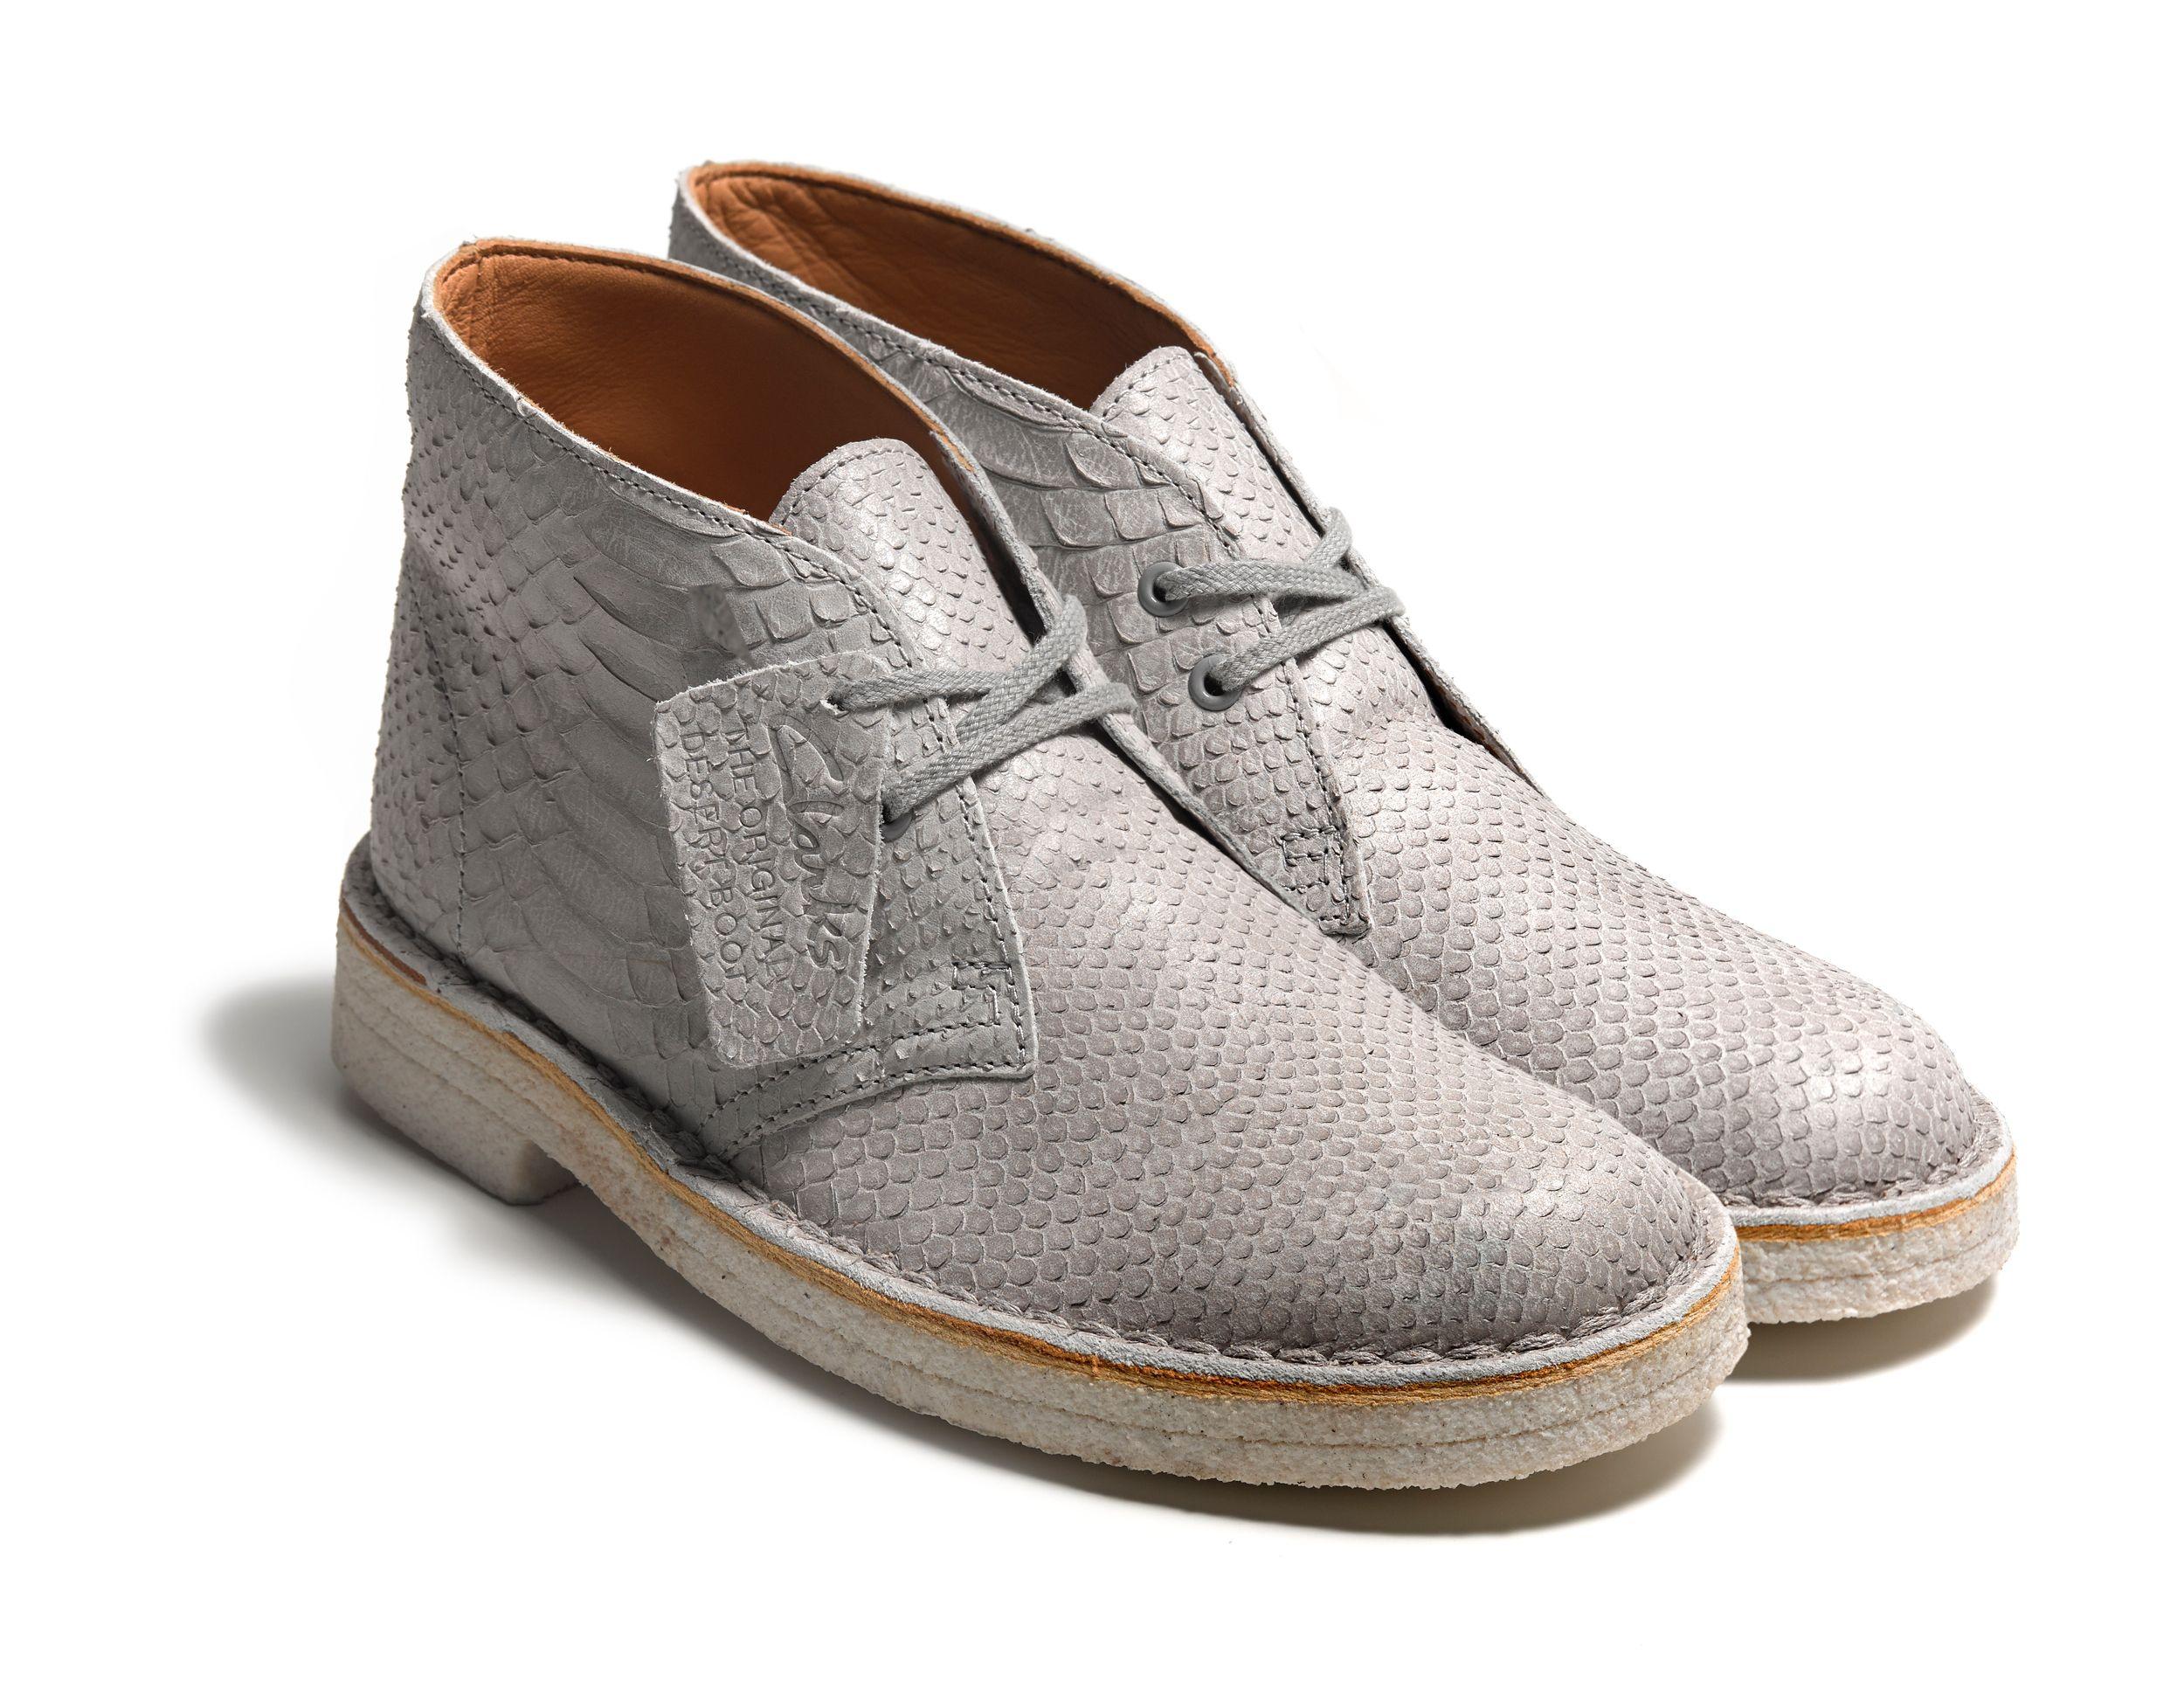 Pin by Clarks Schuhe on Desert Boots für Herren 2015 in